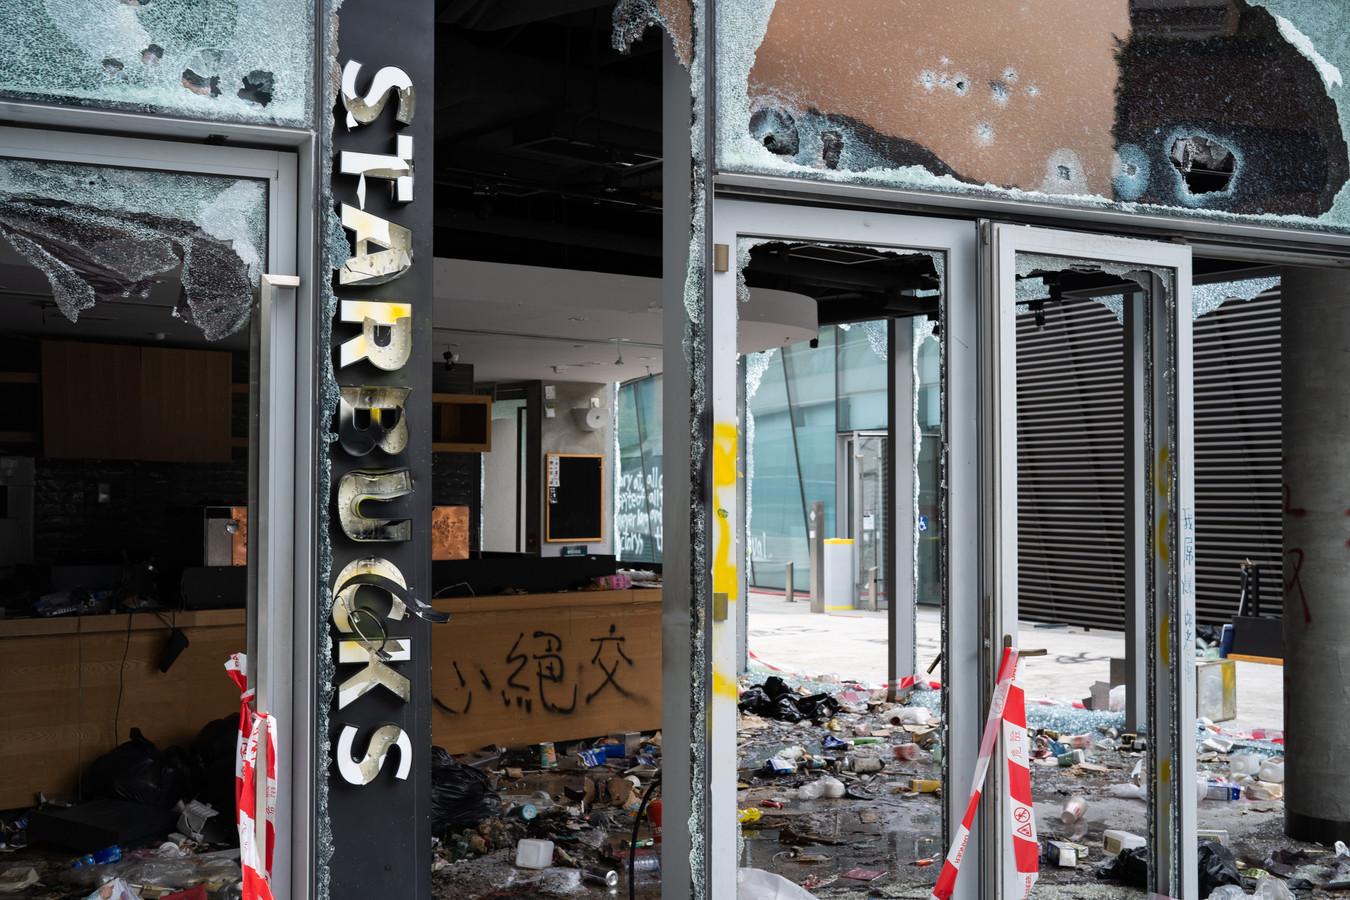 Het verwoeste Starbucksfiliaal op de PolyU campus.